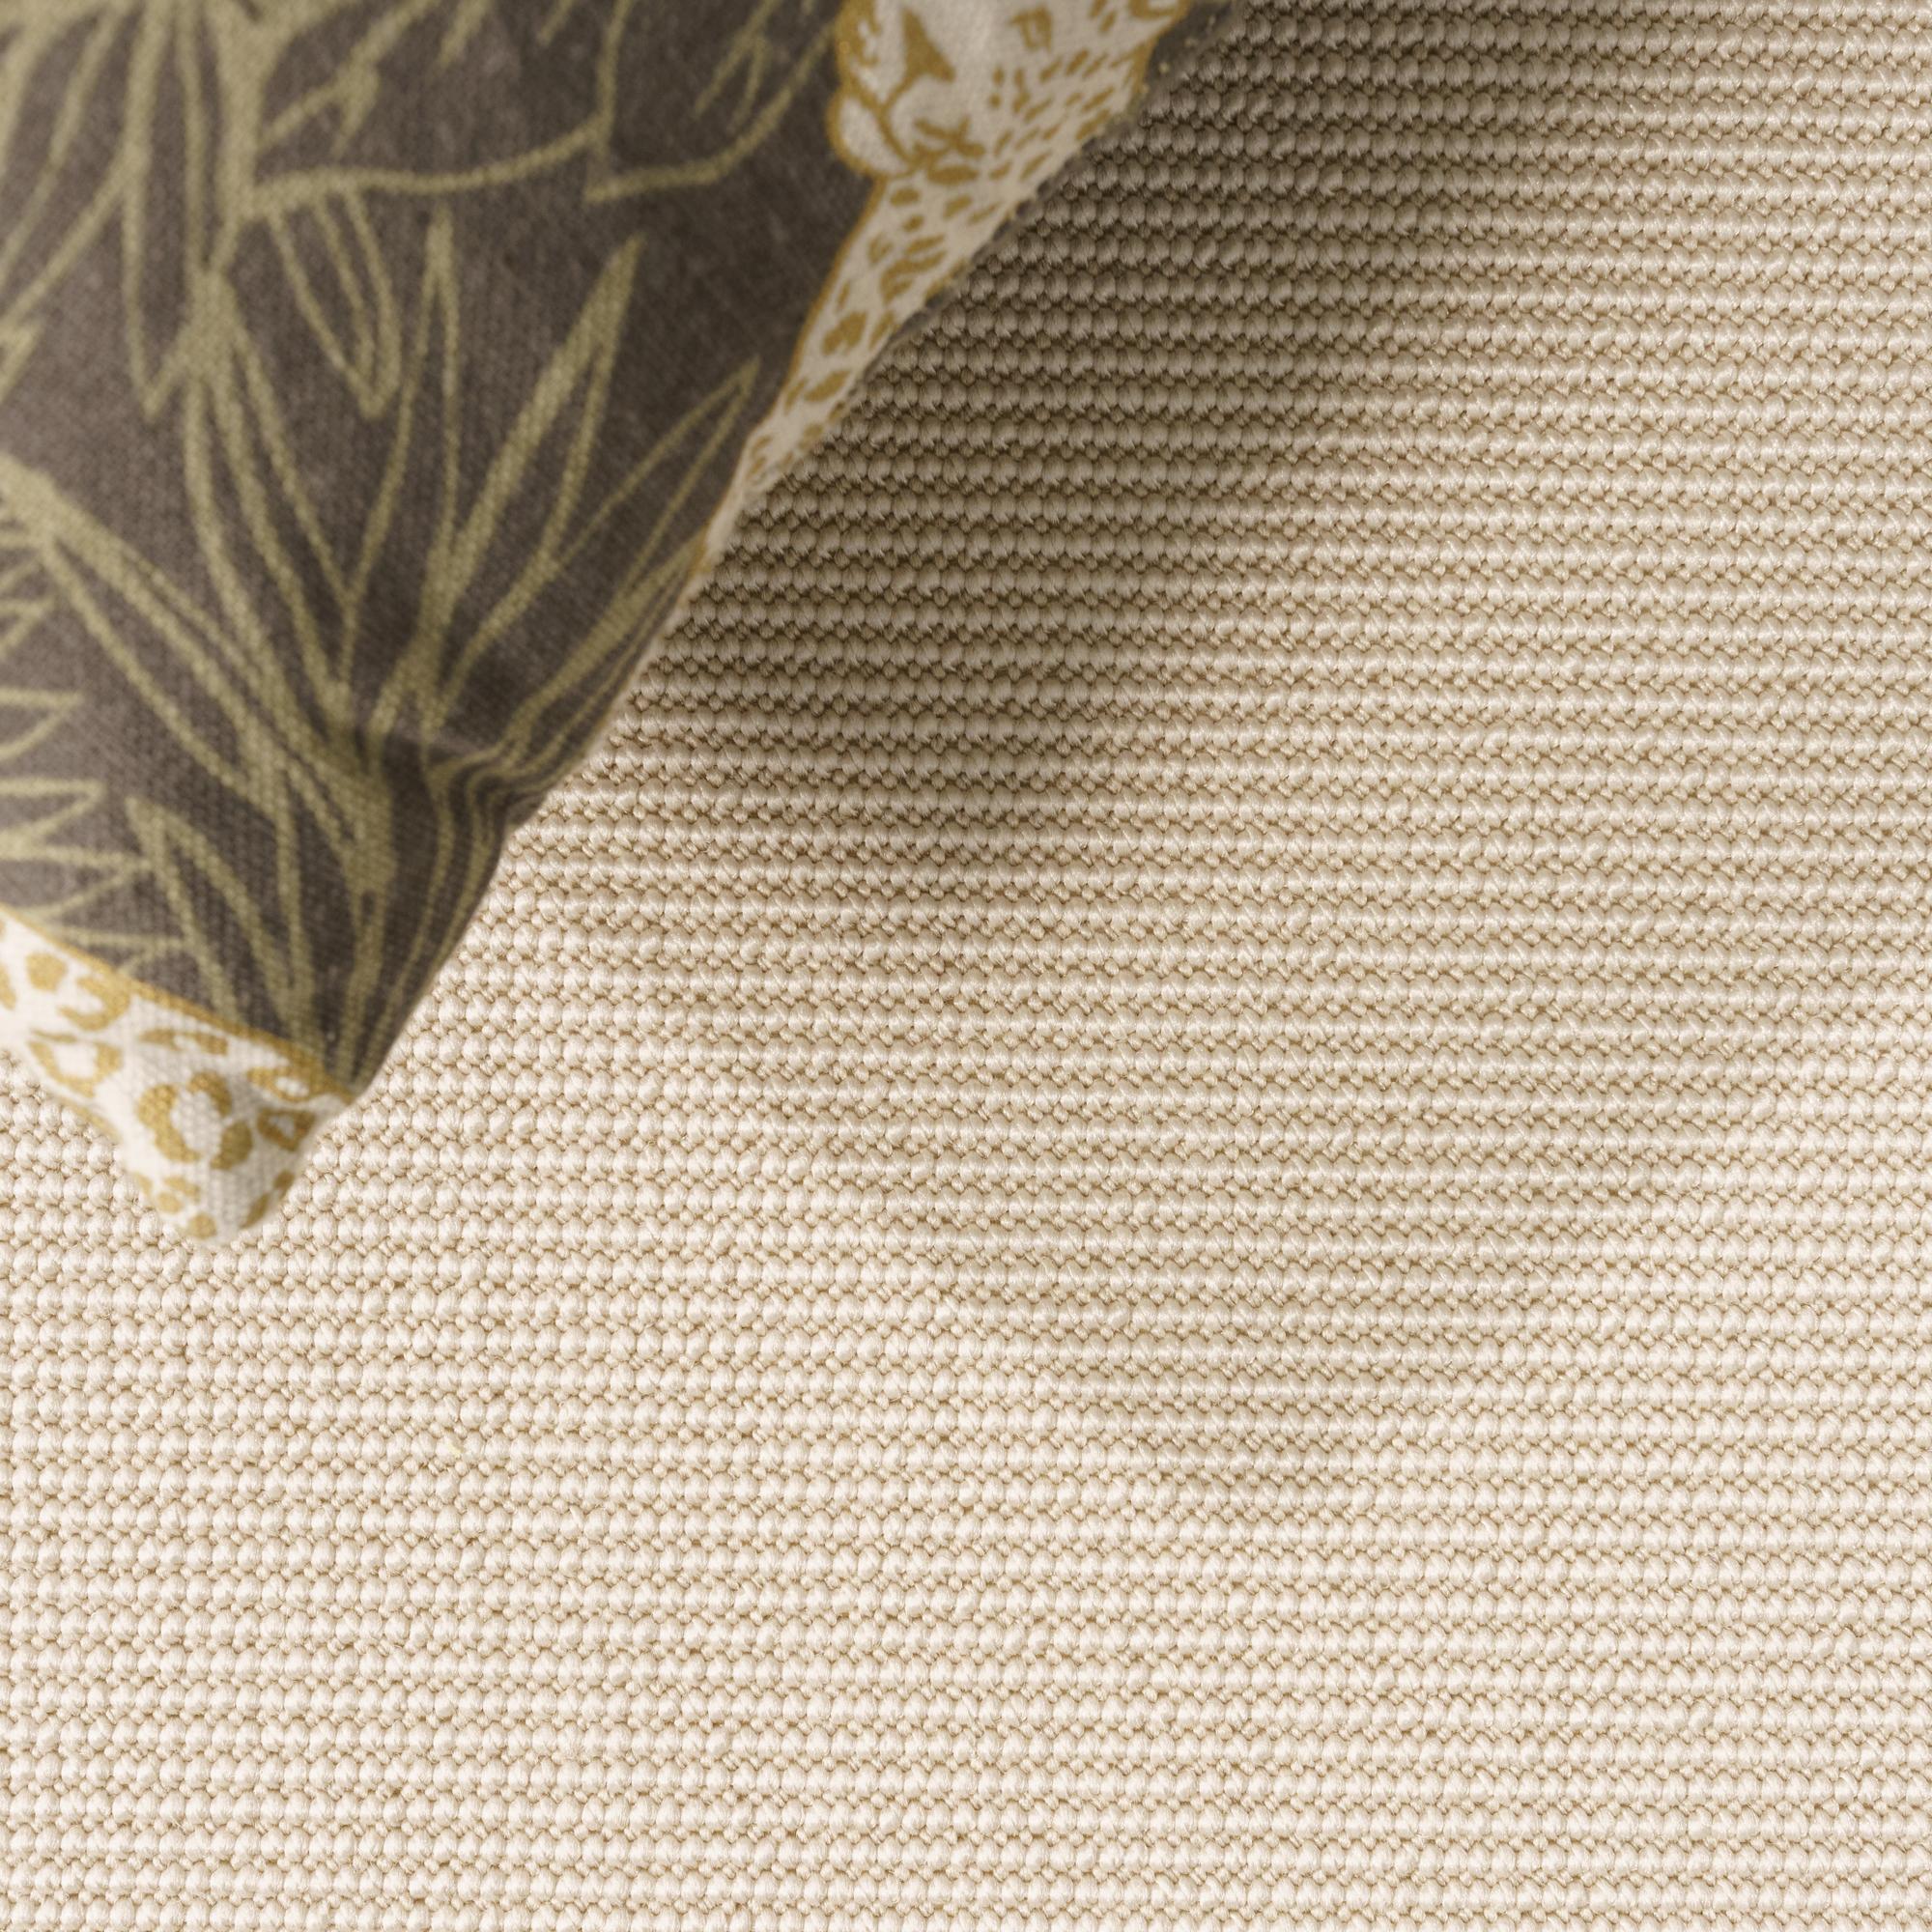 Vloerkleed Xilento Outdoor 4506-16